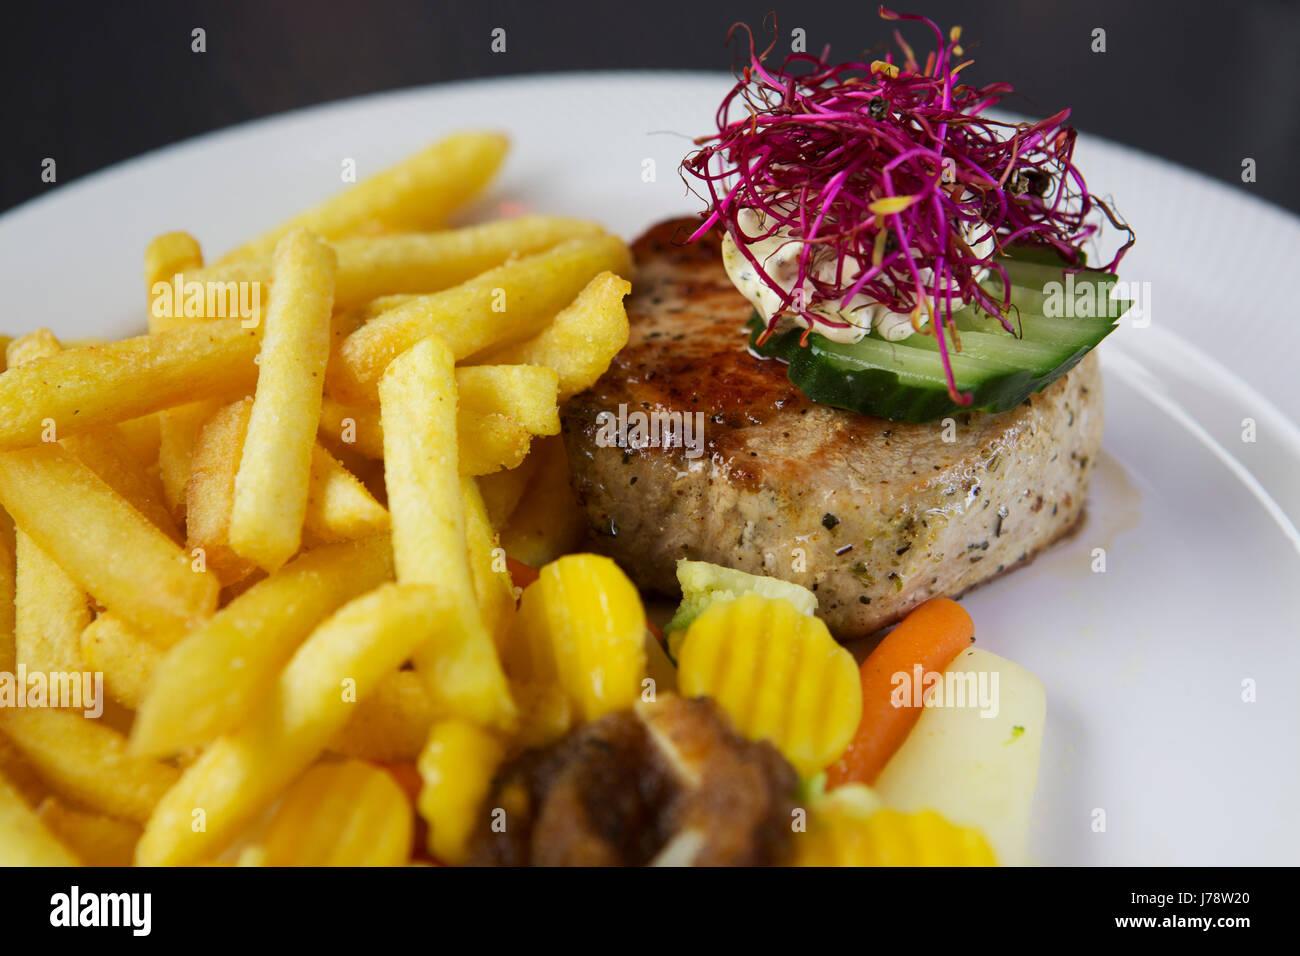 Escalope de porc servis avec frites et légumes à Interlaken en Suisse. Le beurre est garnie de fleurs Photo Stock